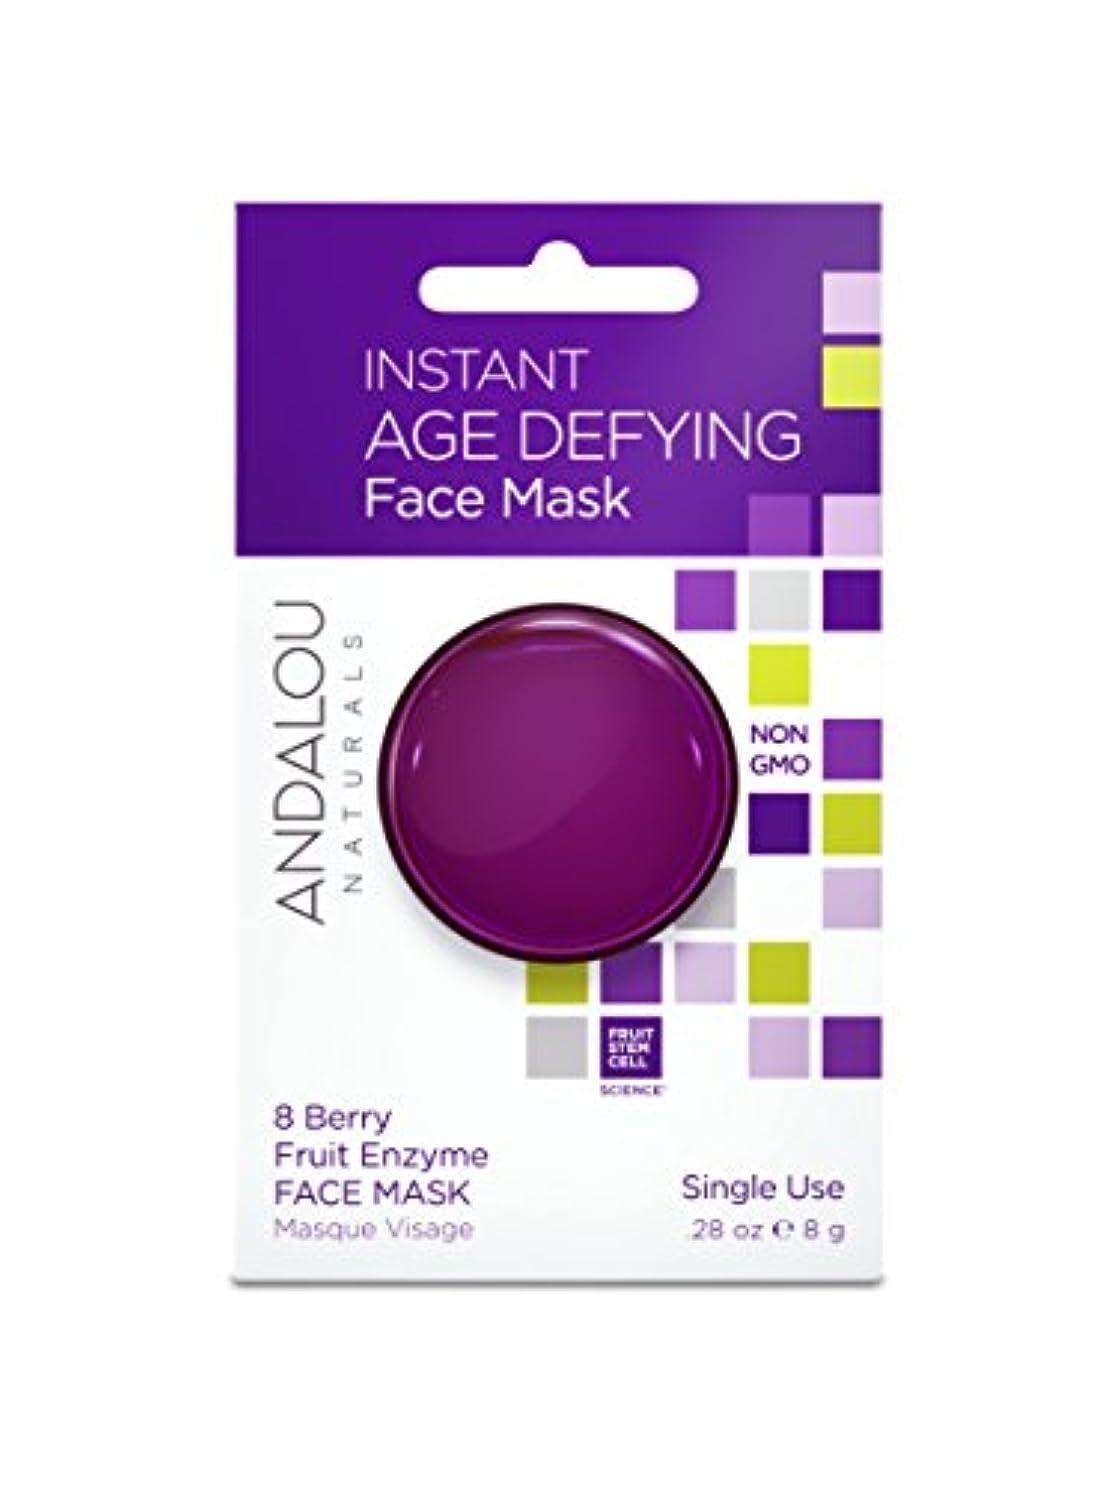 ずらすポインタ散髪オーガニック ボタニカル パック マスク フェイスマスク ナチュラル フルーツ幹細胞 「 IAD フェイスマスクポッド 」 ANDALOU naturals アンダルー ナチュラルズ